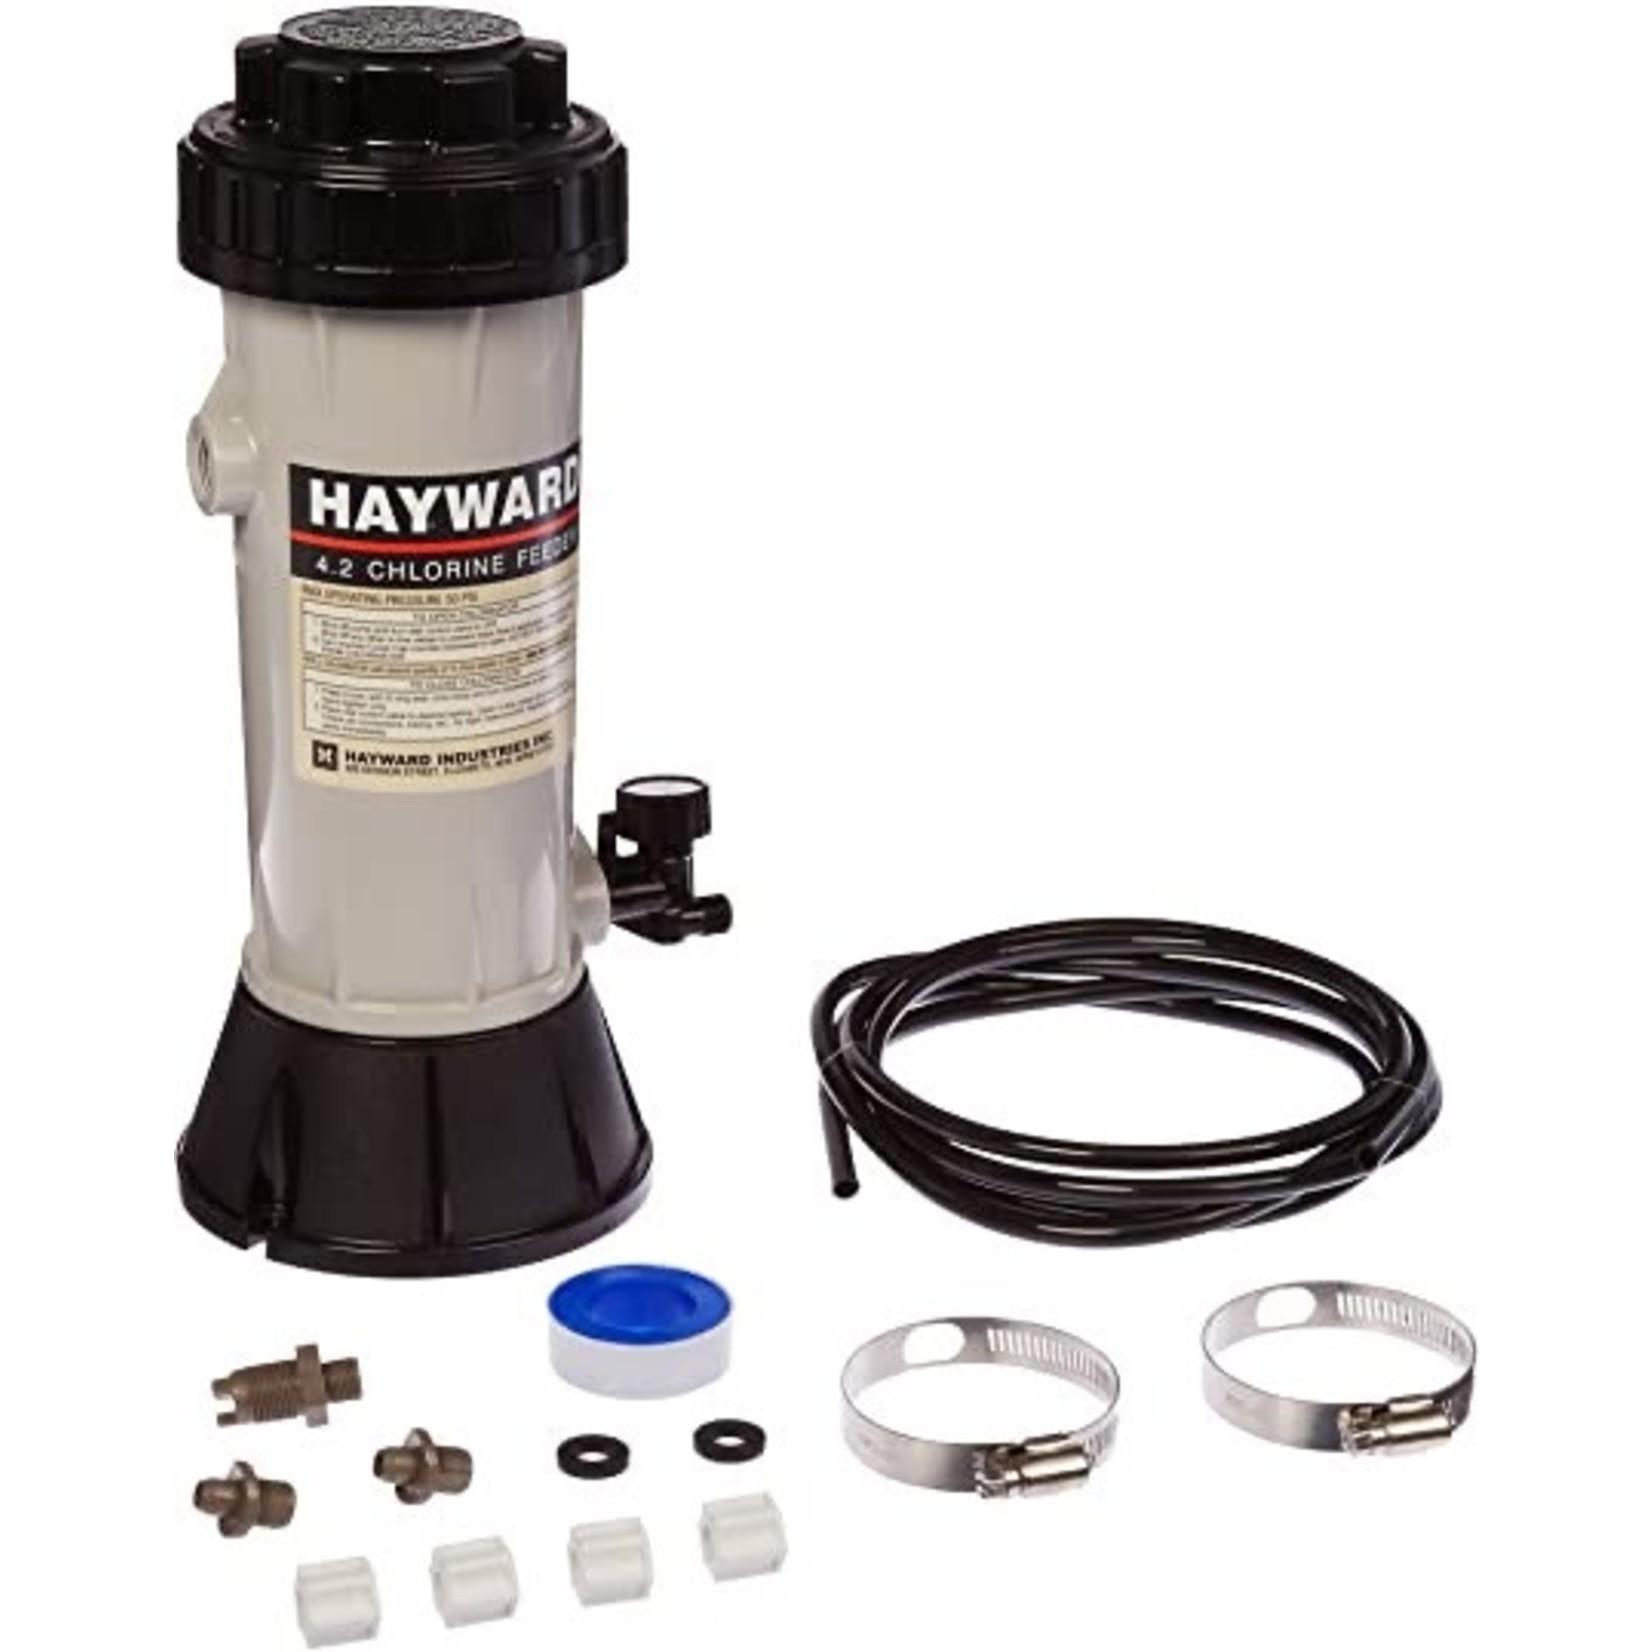 Hayward HAYWARD CHLORINATOR OFFLINE 4LB